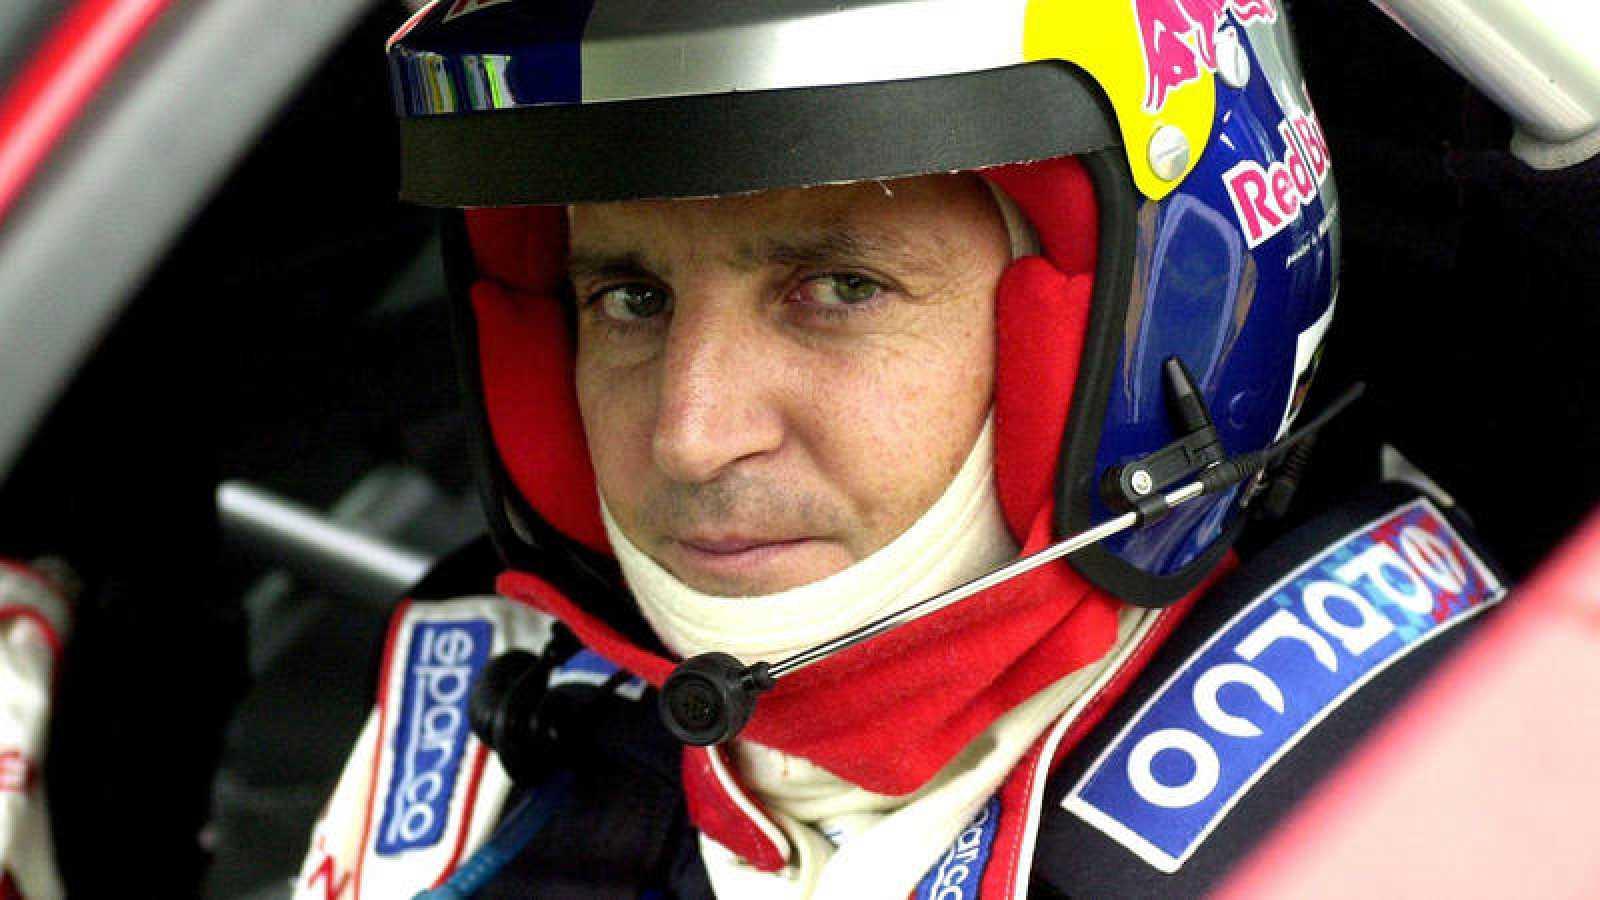 El piloto español Jesús Puras, en una imagen de archivo.